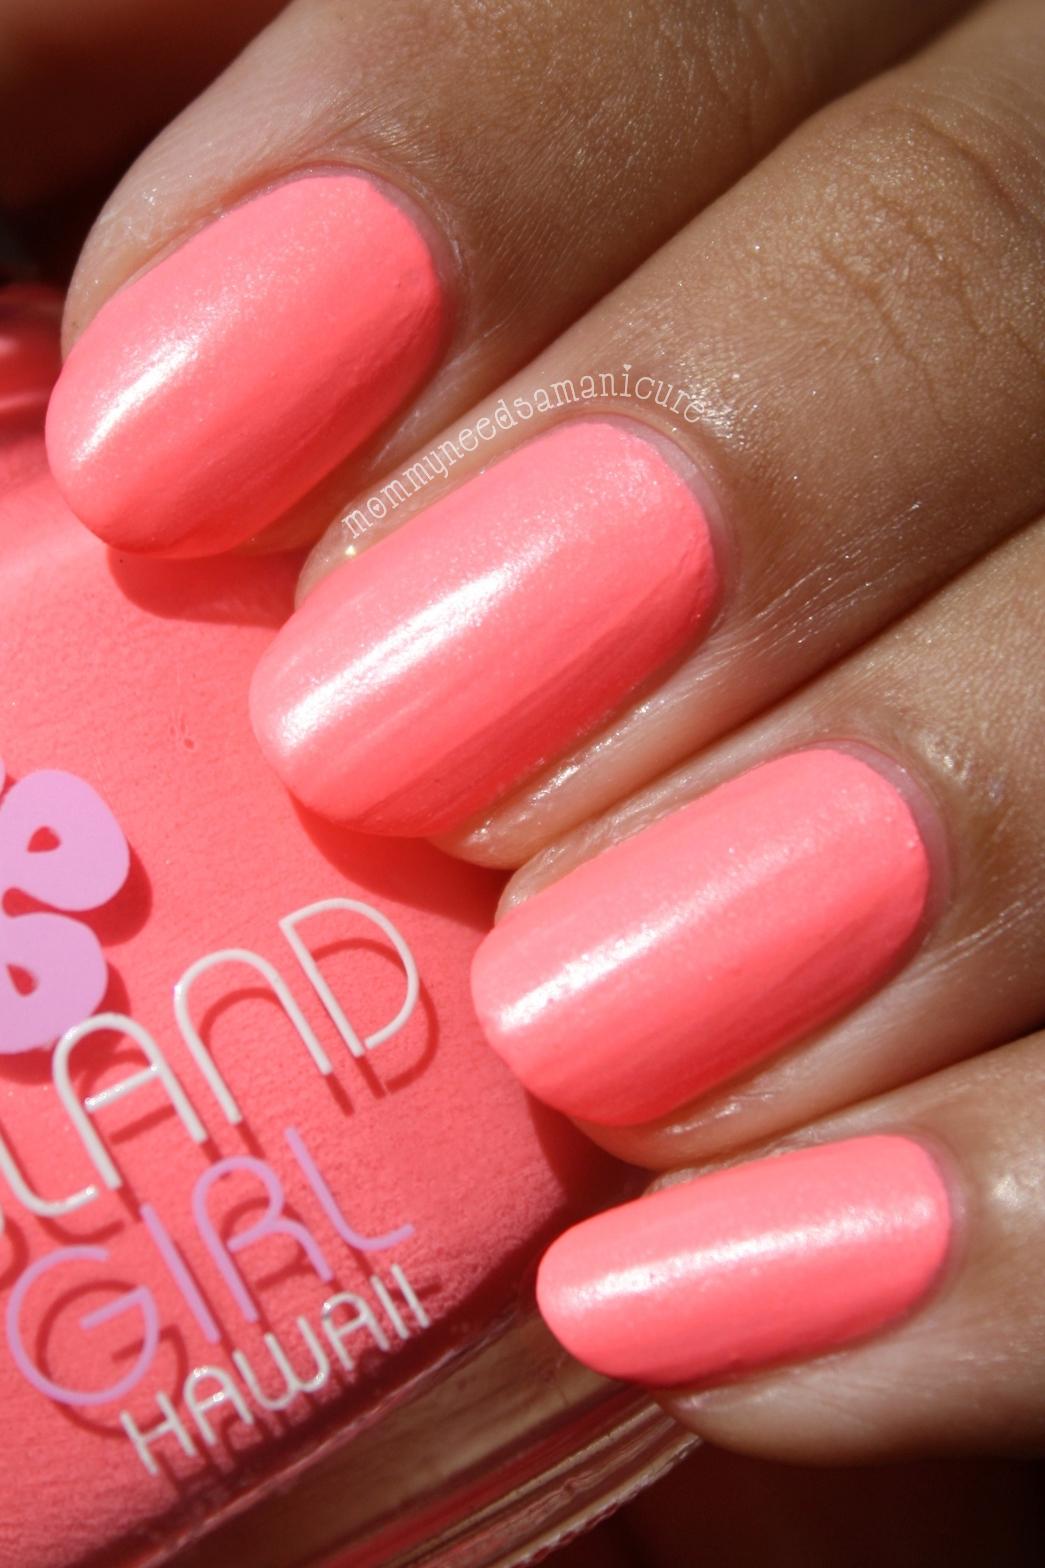 Unique Island Nails Photo - Nail Art Ideas - morihati.com